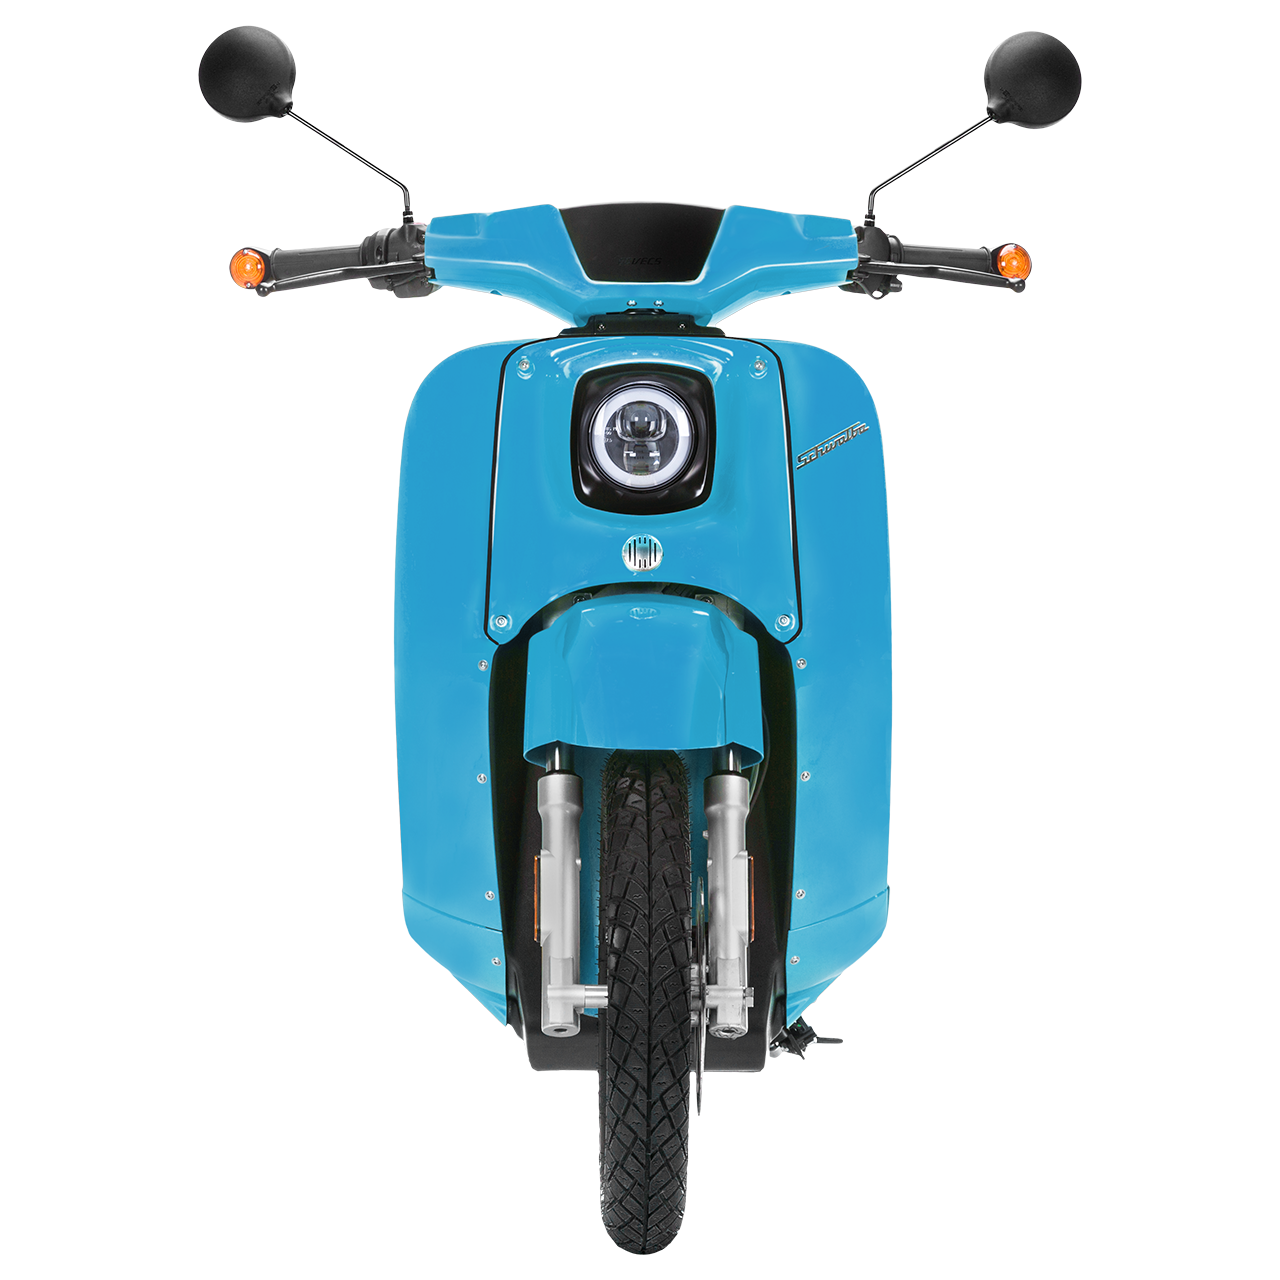 Frontansicht einer lichtblauen E-Schwalbe, ein E-Roller im Angebot des Fahrzeughaus Müller, ihr Partner für E-Mobilität